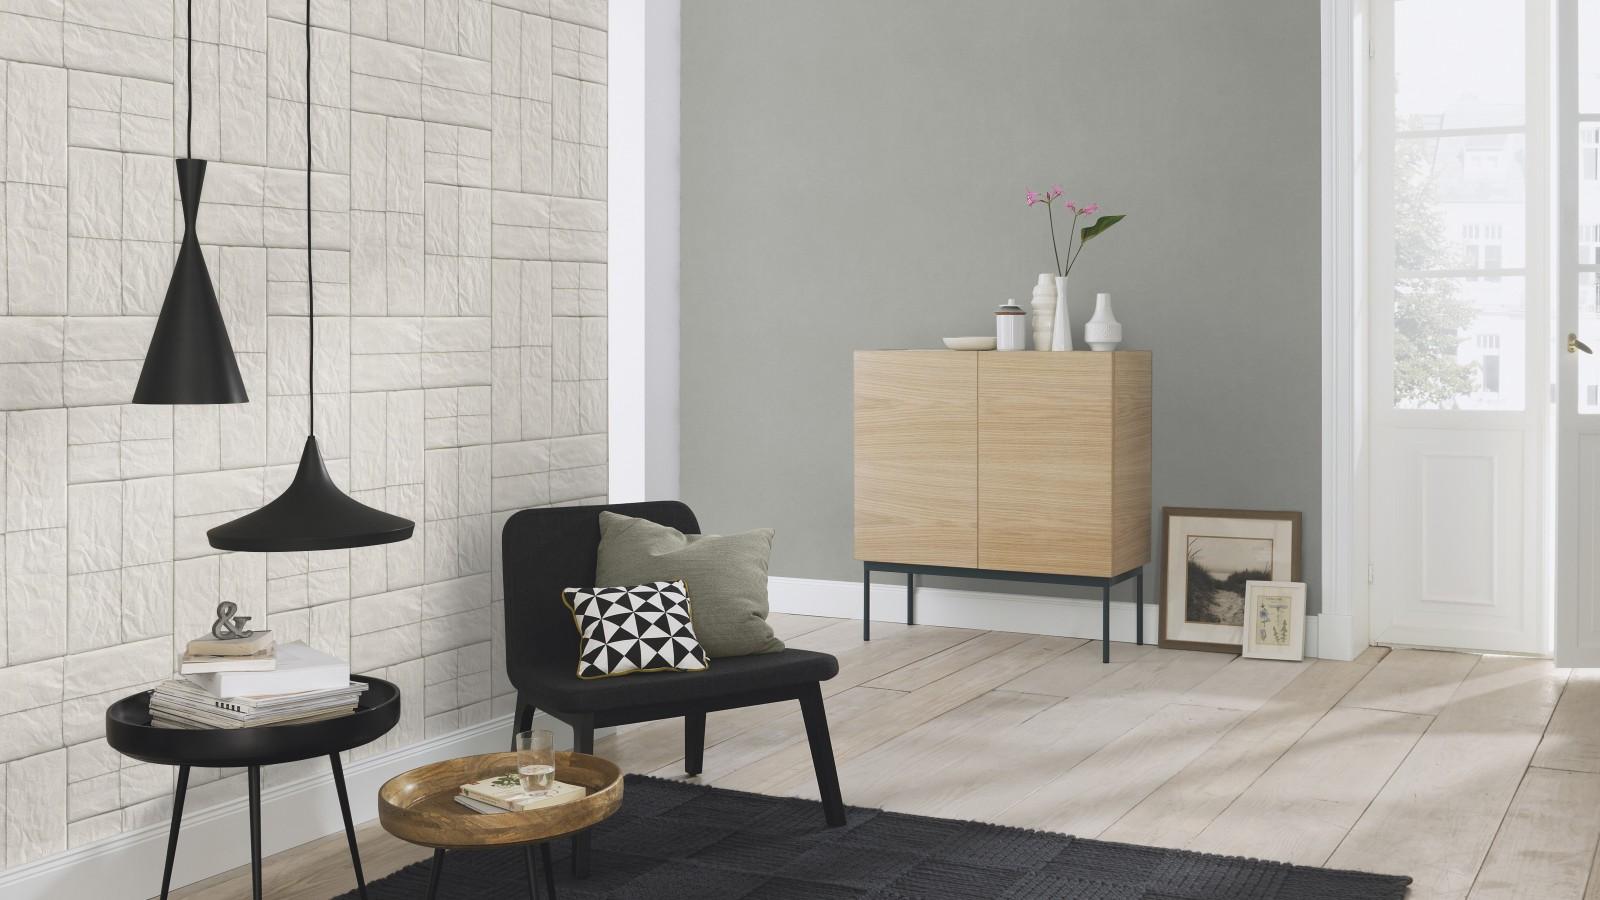 Tapeten Flur Streifen Grau Weiß : Artikelnummer: 524307 Hersteller ...